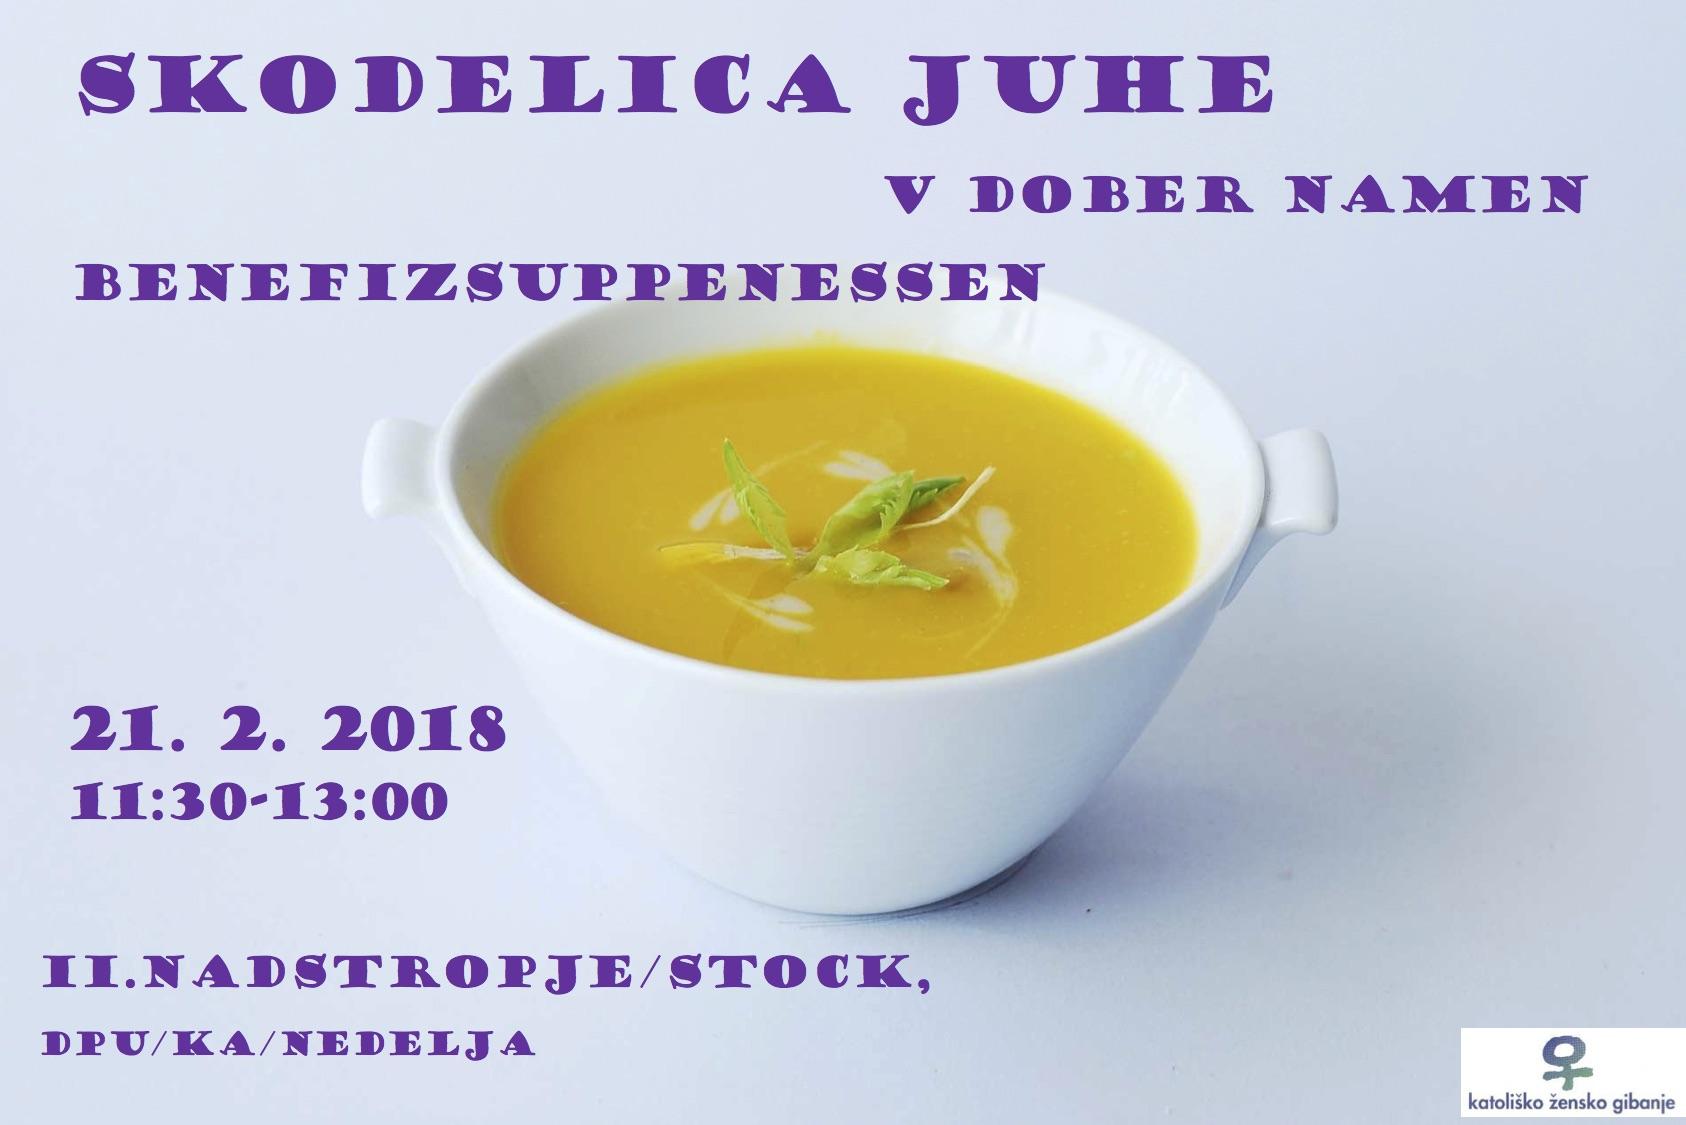 Skodelica_juhe_vabilo_2018